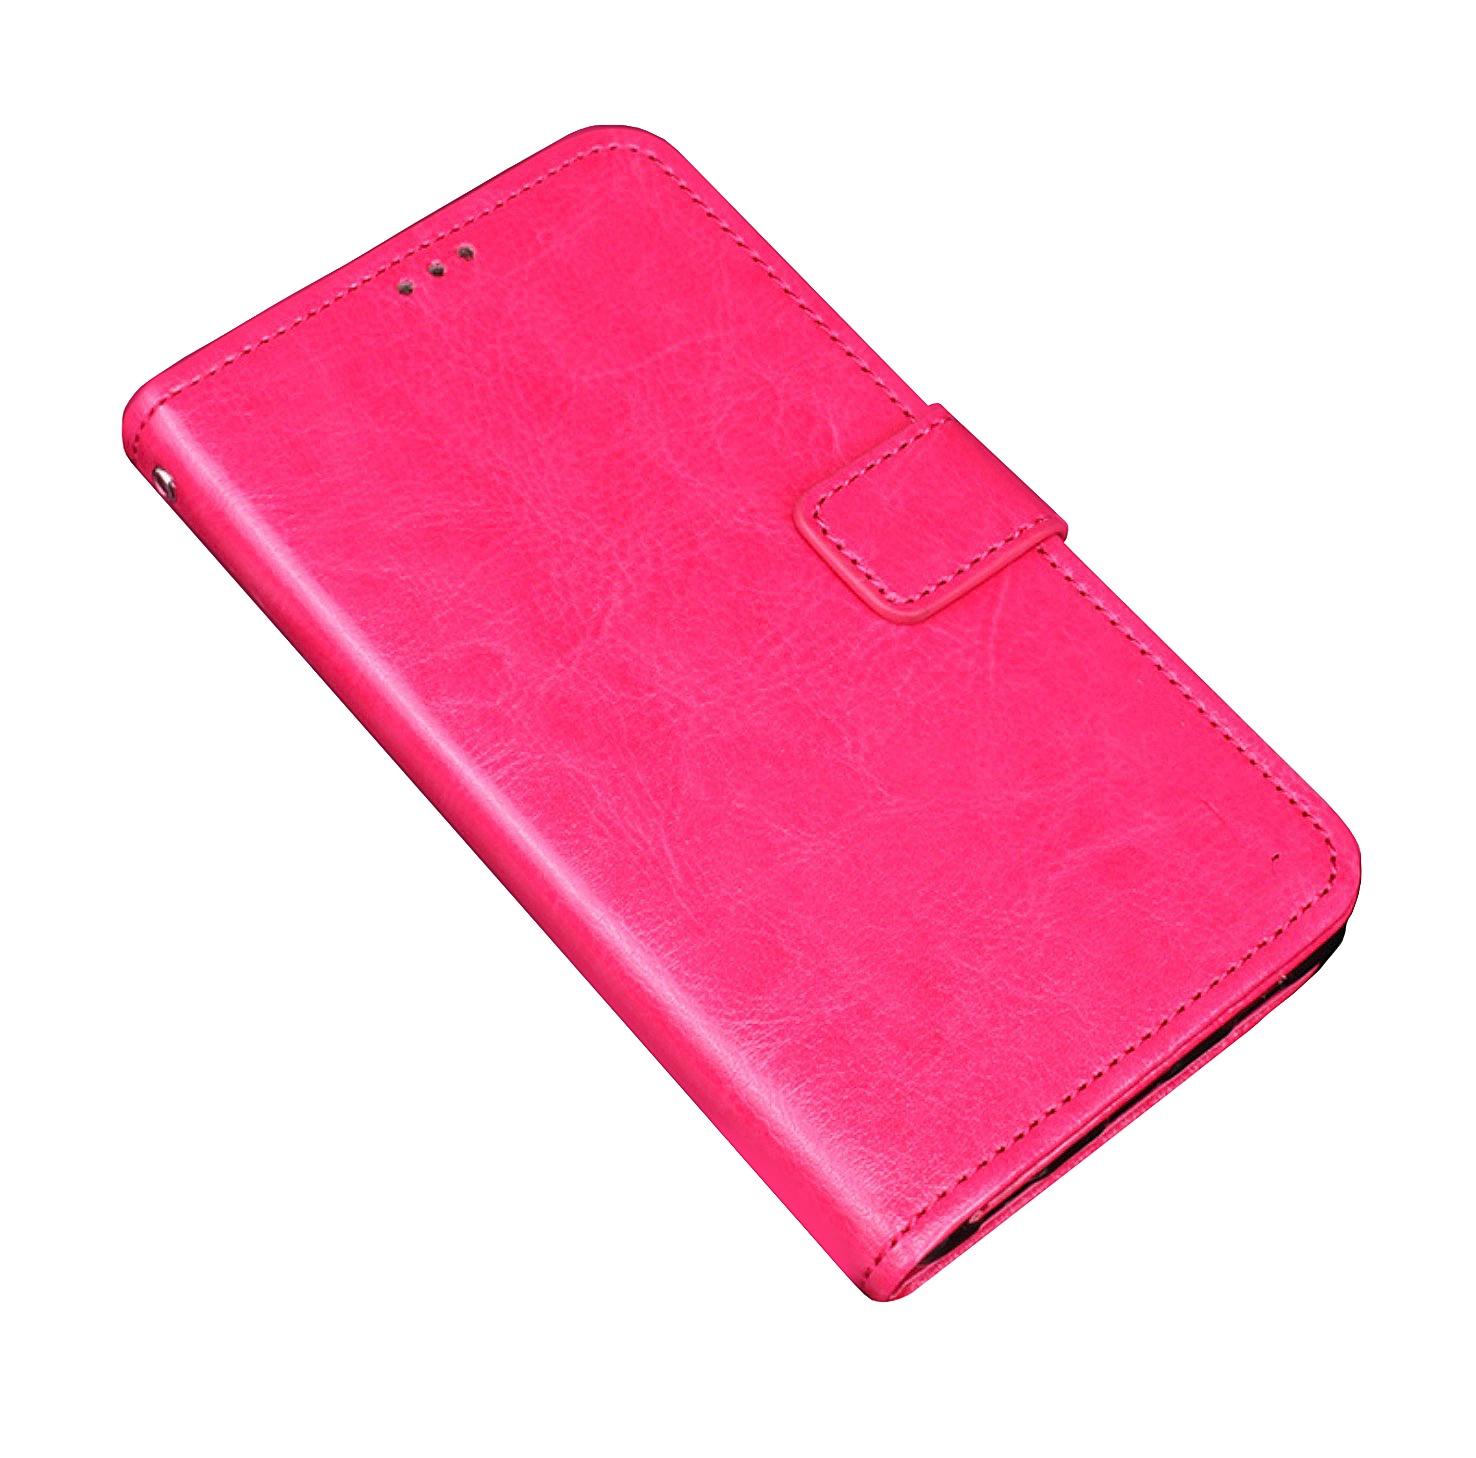 Фирменный чехол-книжка из качественной импортной кожи с мульти-подставкой застёжкой и визитницей для Digma Vox S502F 3G розовый MyPads